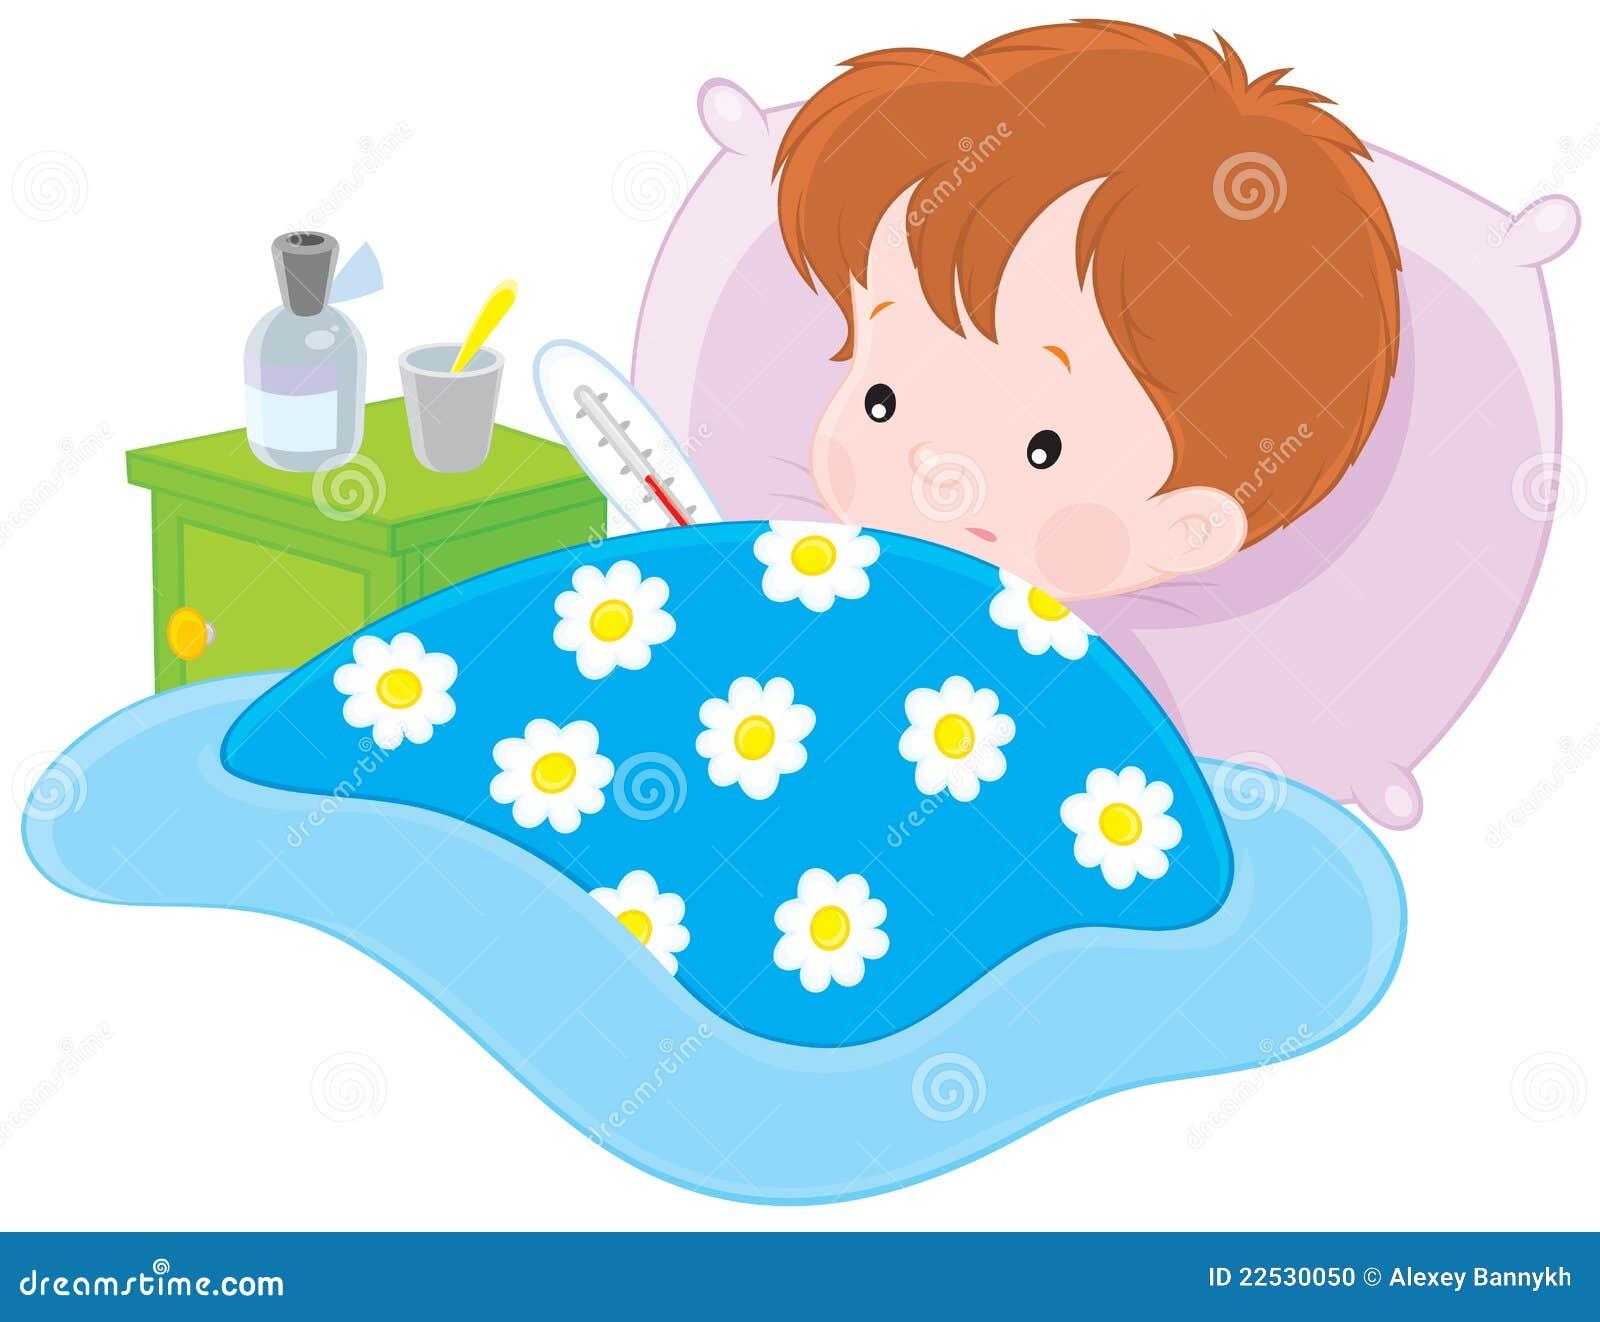 ...ребенок,детство,по-детски,детски,детски,холод,картинки,клипарт,холодная,болезнь,рисование. больной мальчик лежал с...